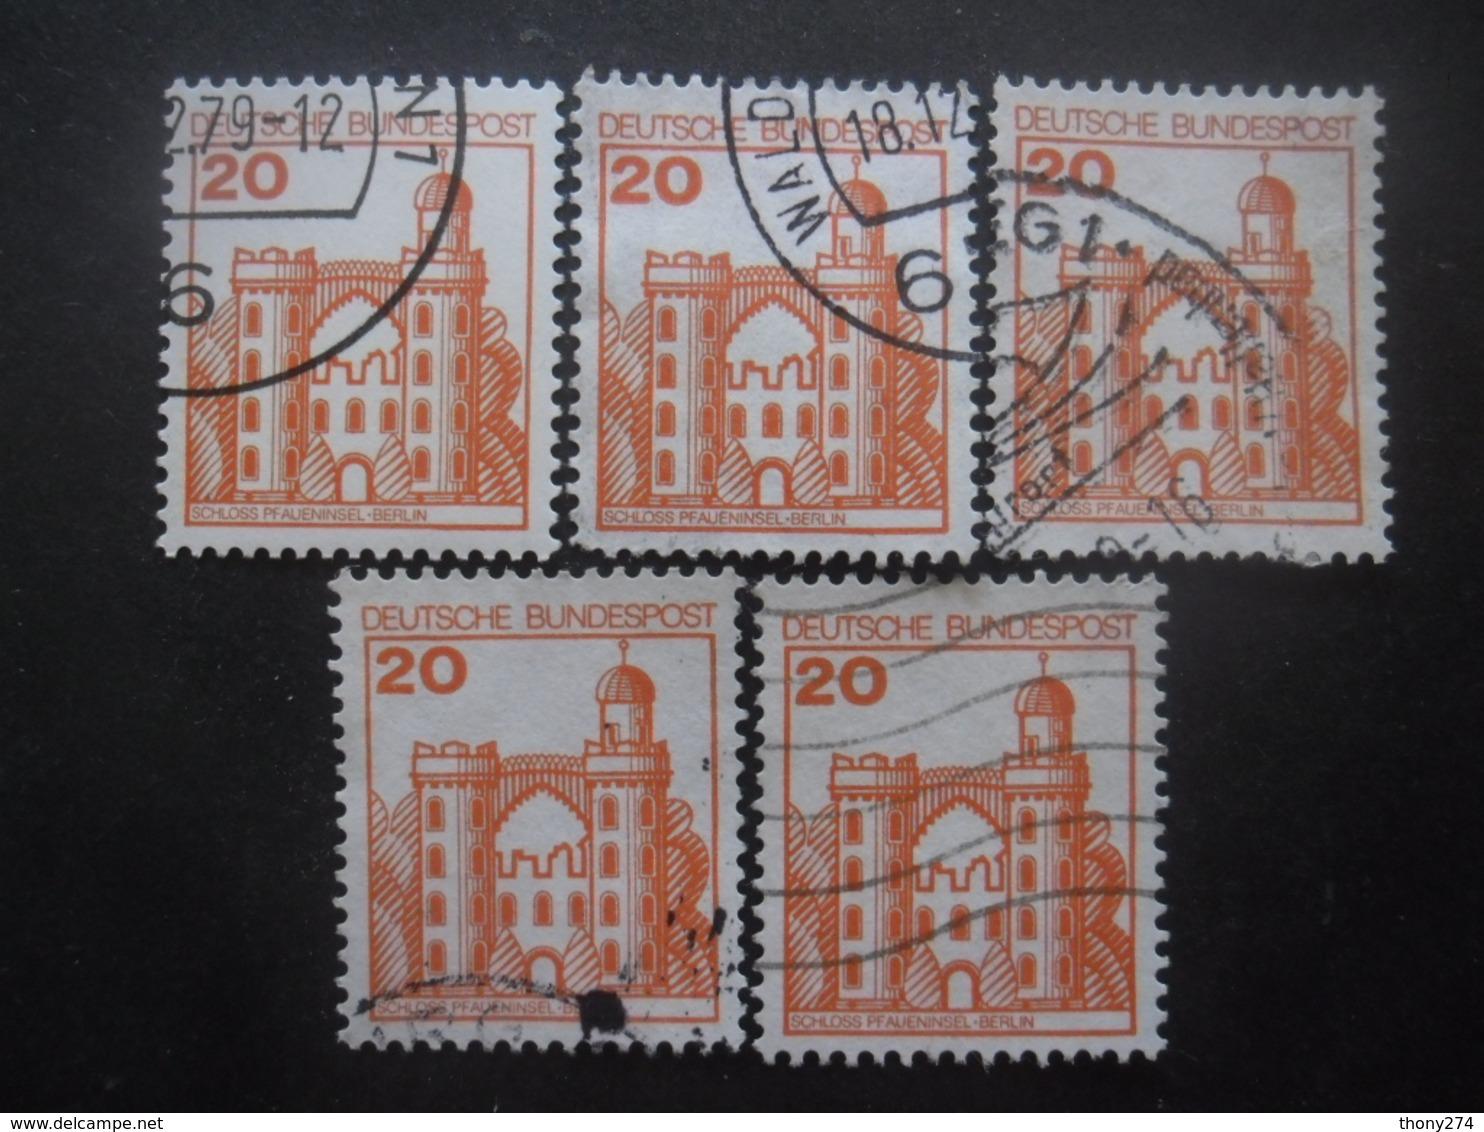 ALLEMAGNE FEDERALE N°842 X 5 Oblitéré - Vrac (max 999 Timbres)